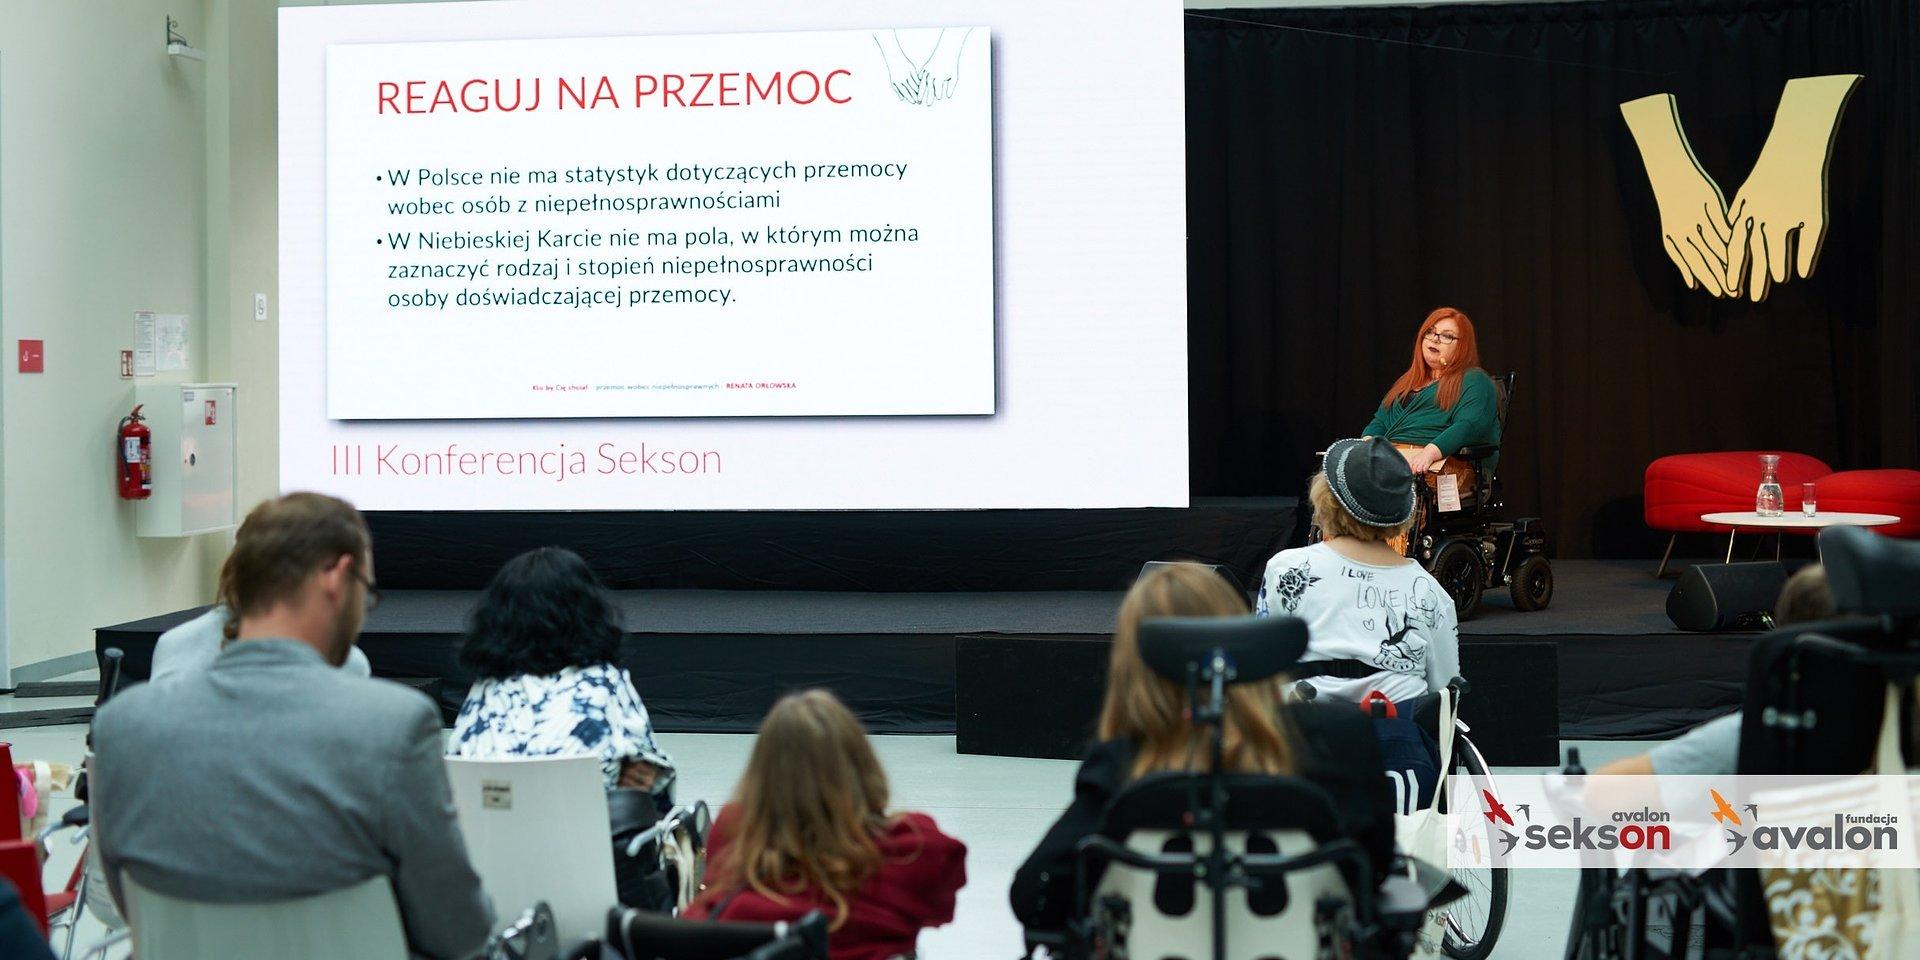 Wyjątkowa frekwencja podczas III Konferencji Sekson - o seksualności i rodzicielstwie osób z niepełnosprawnością ruchową.